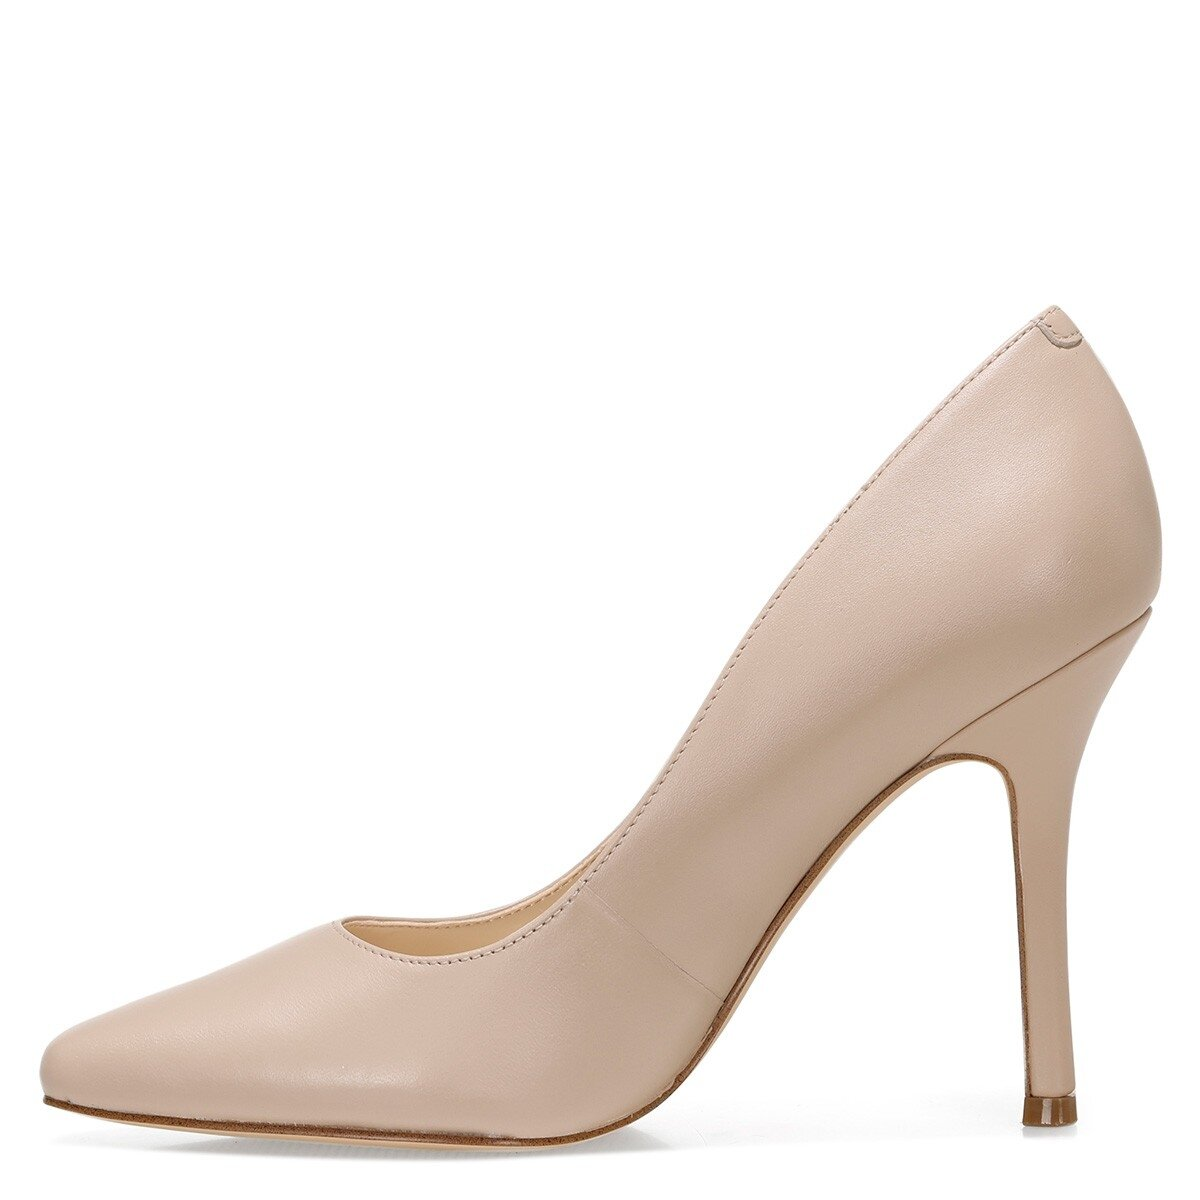 ARLEY NUDE Kadın Klasik Topuklu Ayakkabı